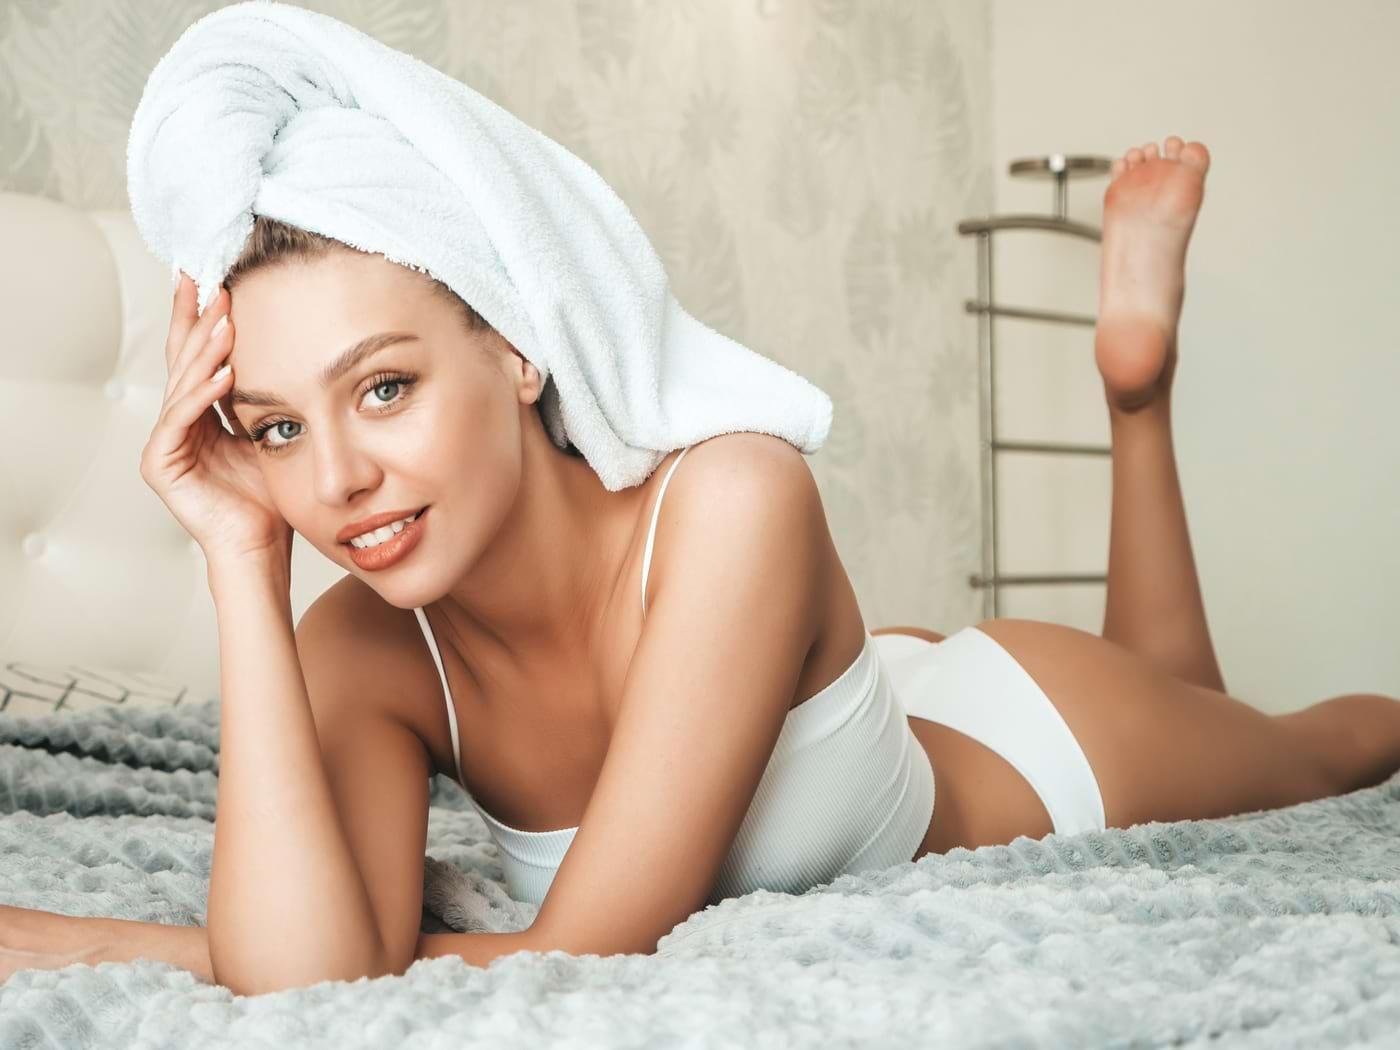 Igiena intimă: cum să menții un vagin curat și sănătos